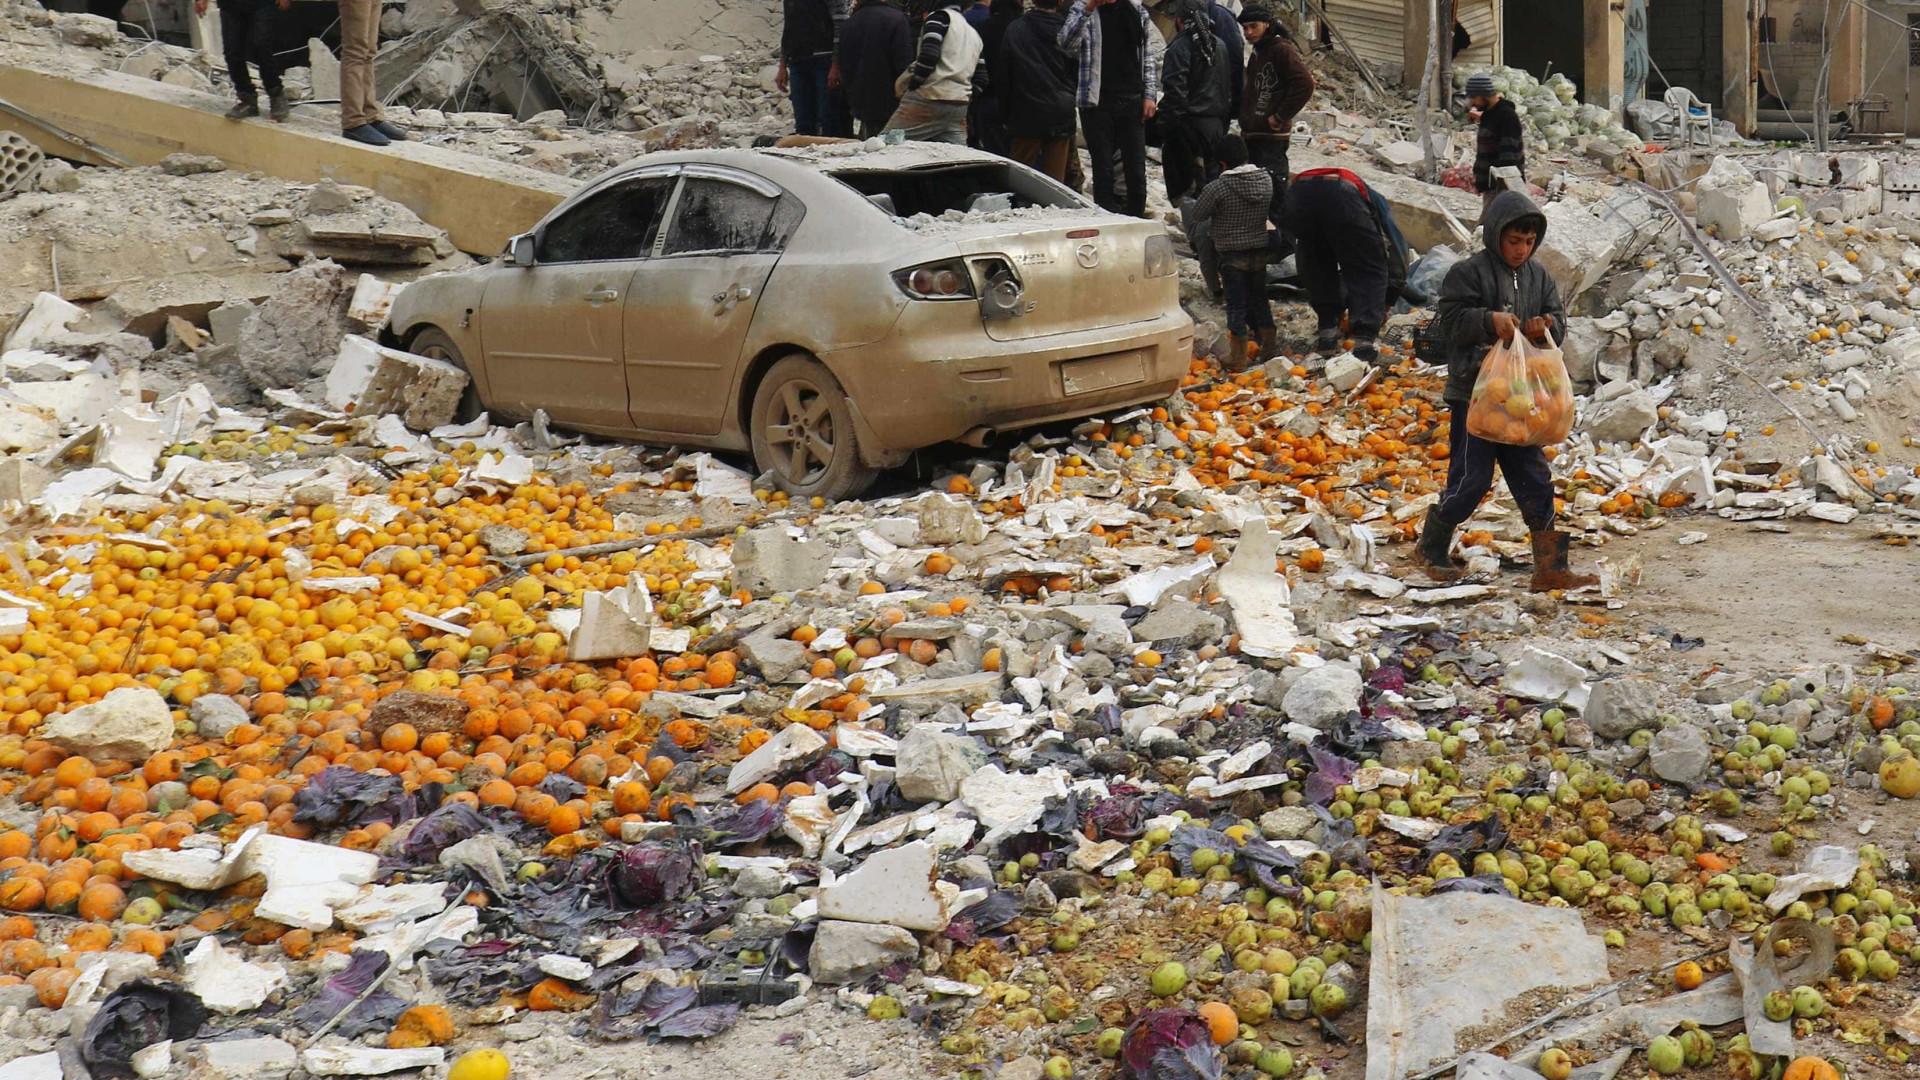 Bombardeios em mercado da Síria deixa 61 mortos; ainda há desaparecidos